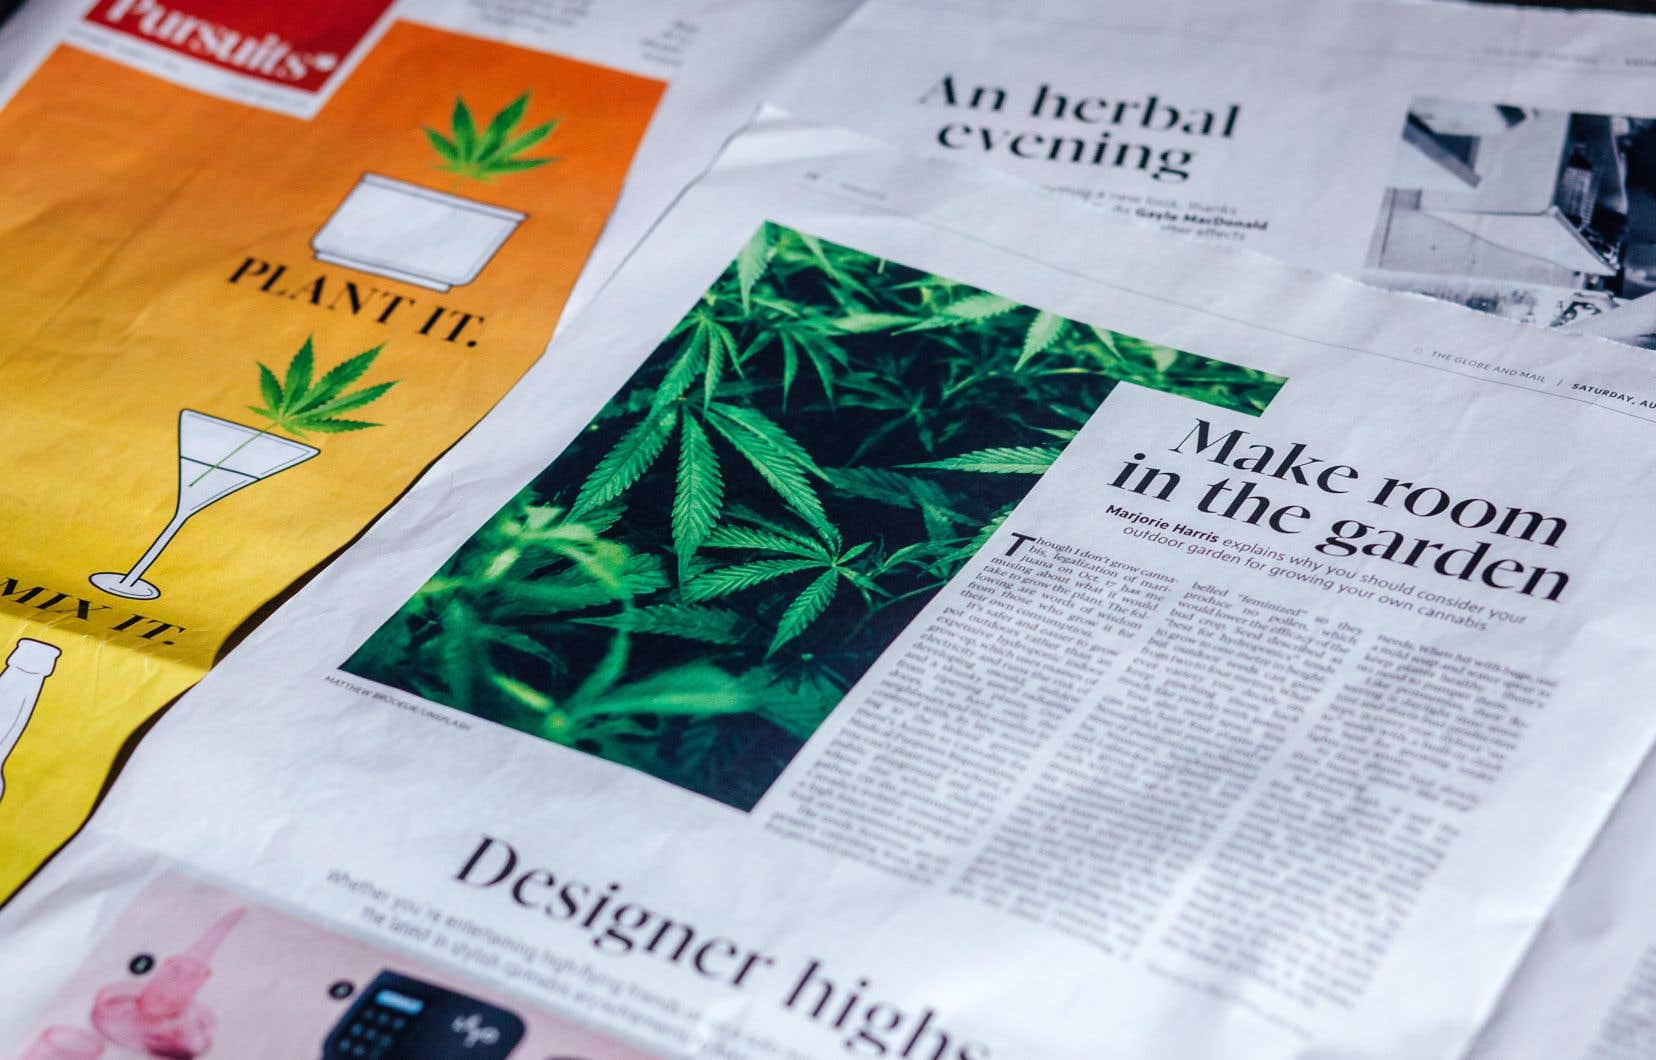 L'édition du samedi du «Globe and Mail» s'est tapissée de la feuille verte, consacrant au pot la une de son cahier Pursuits et des lettres d'opinions en plus d'annoncer une série de cinq conférences maison sur le sujet.